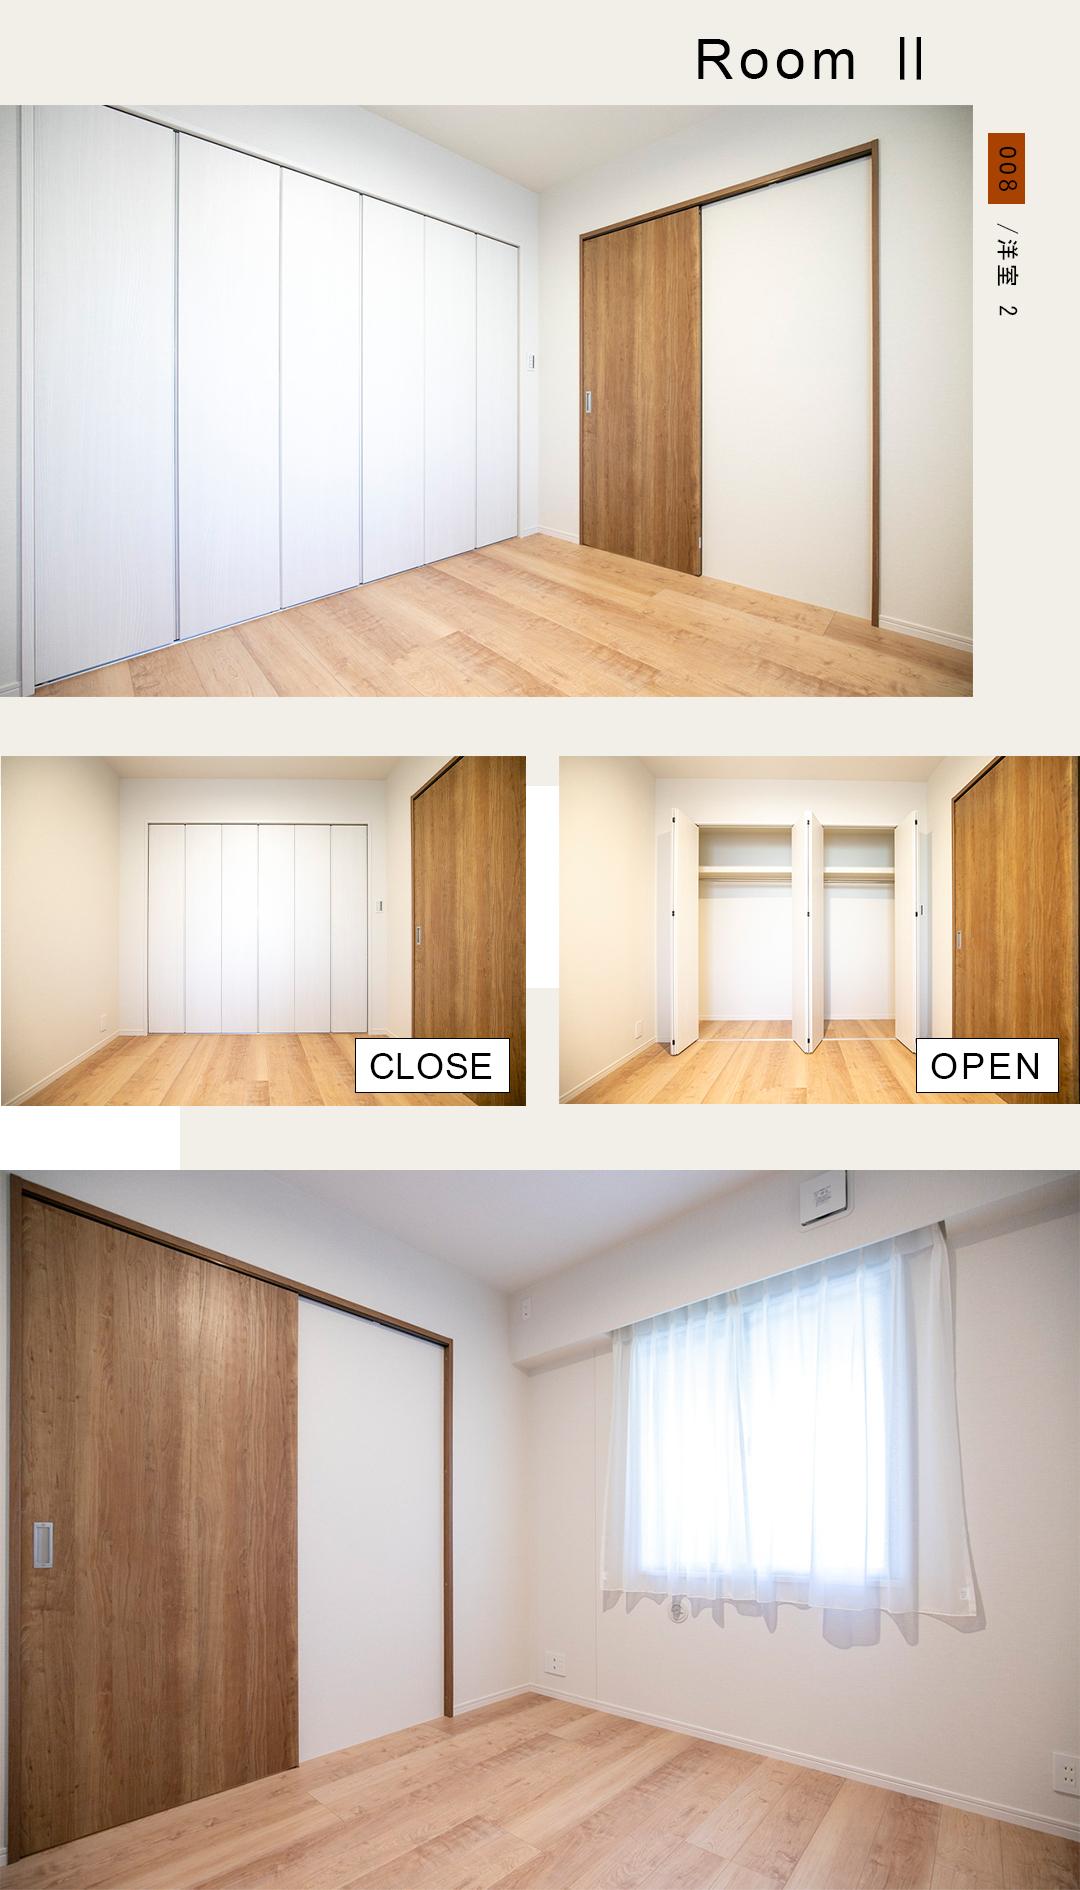 08,洋室2,RoomⅡ